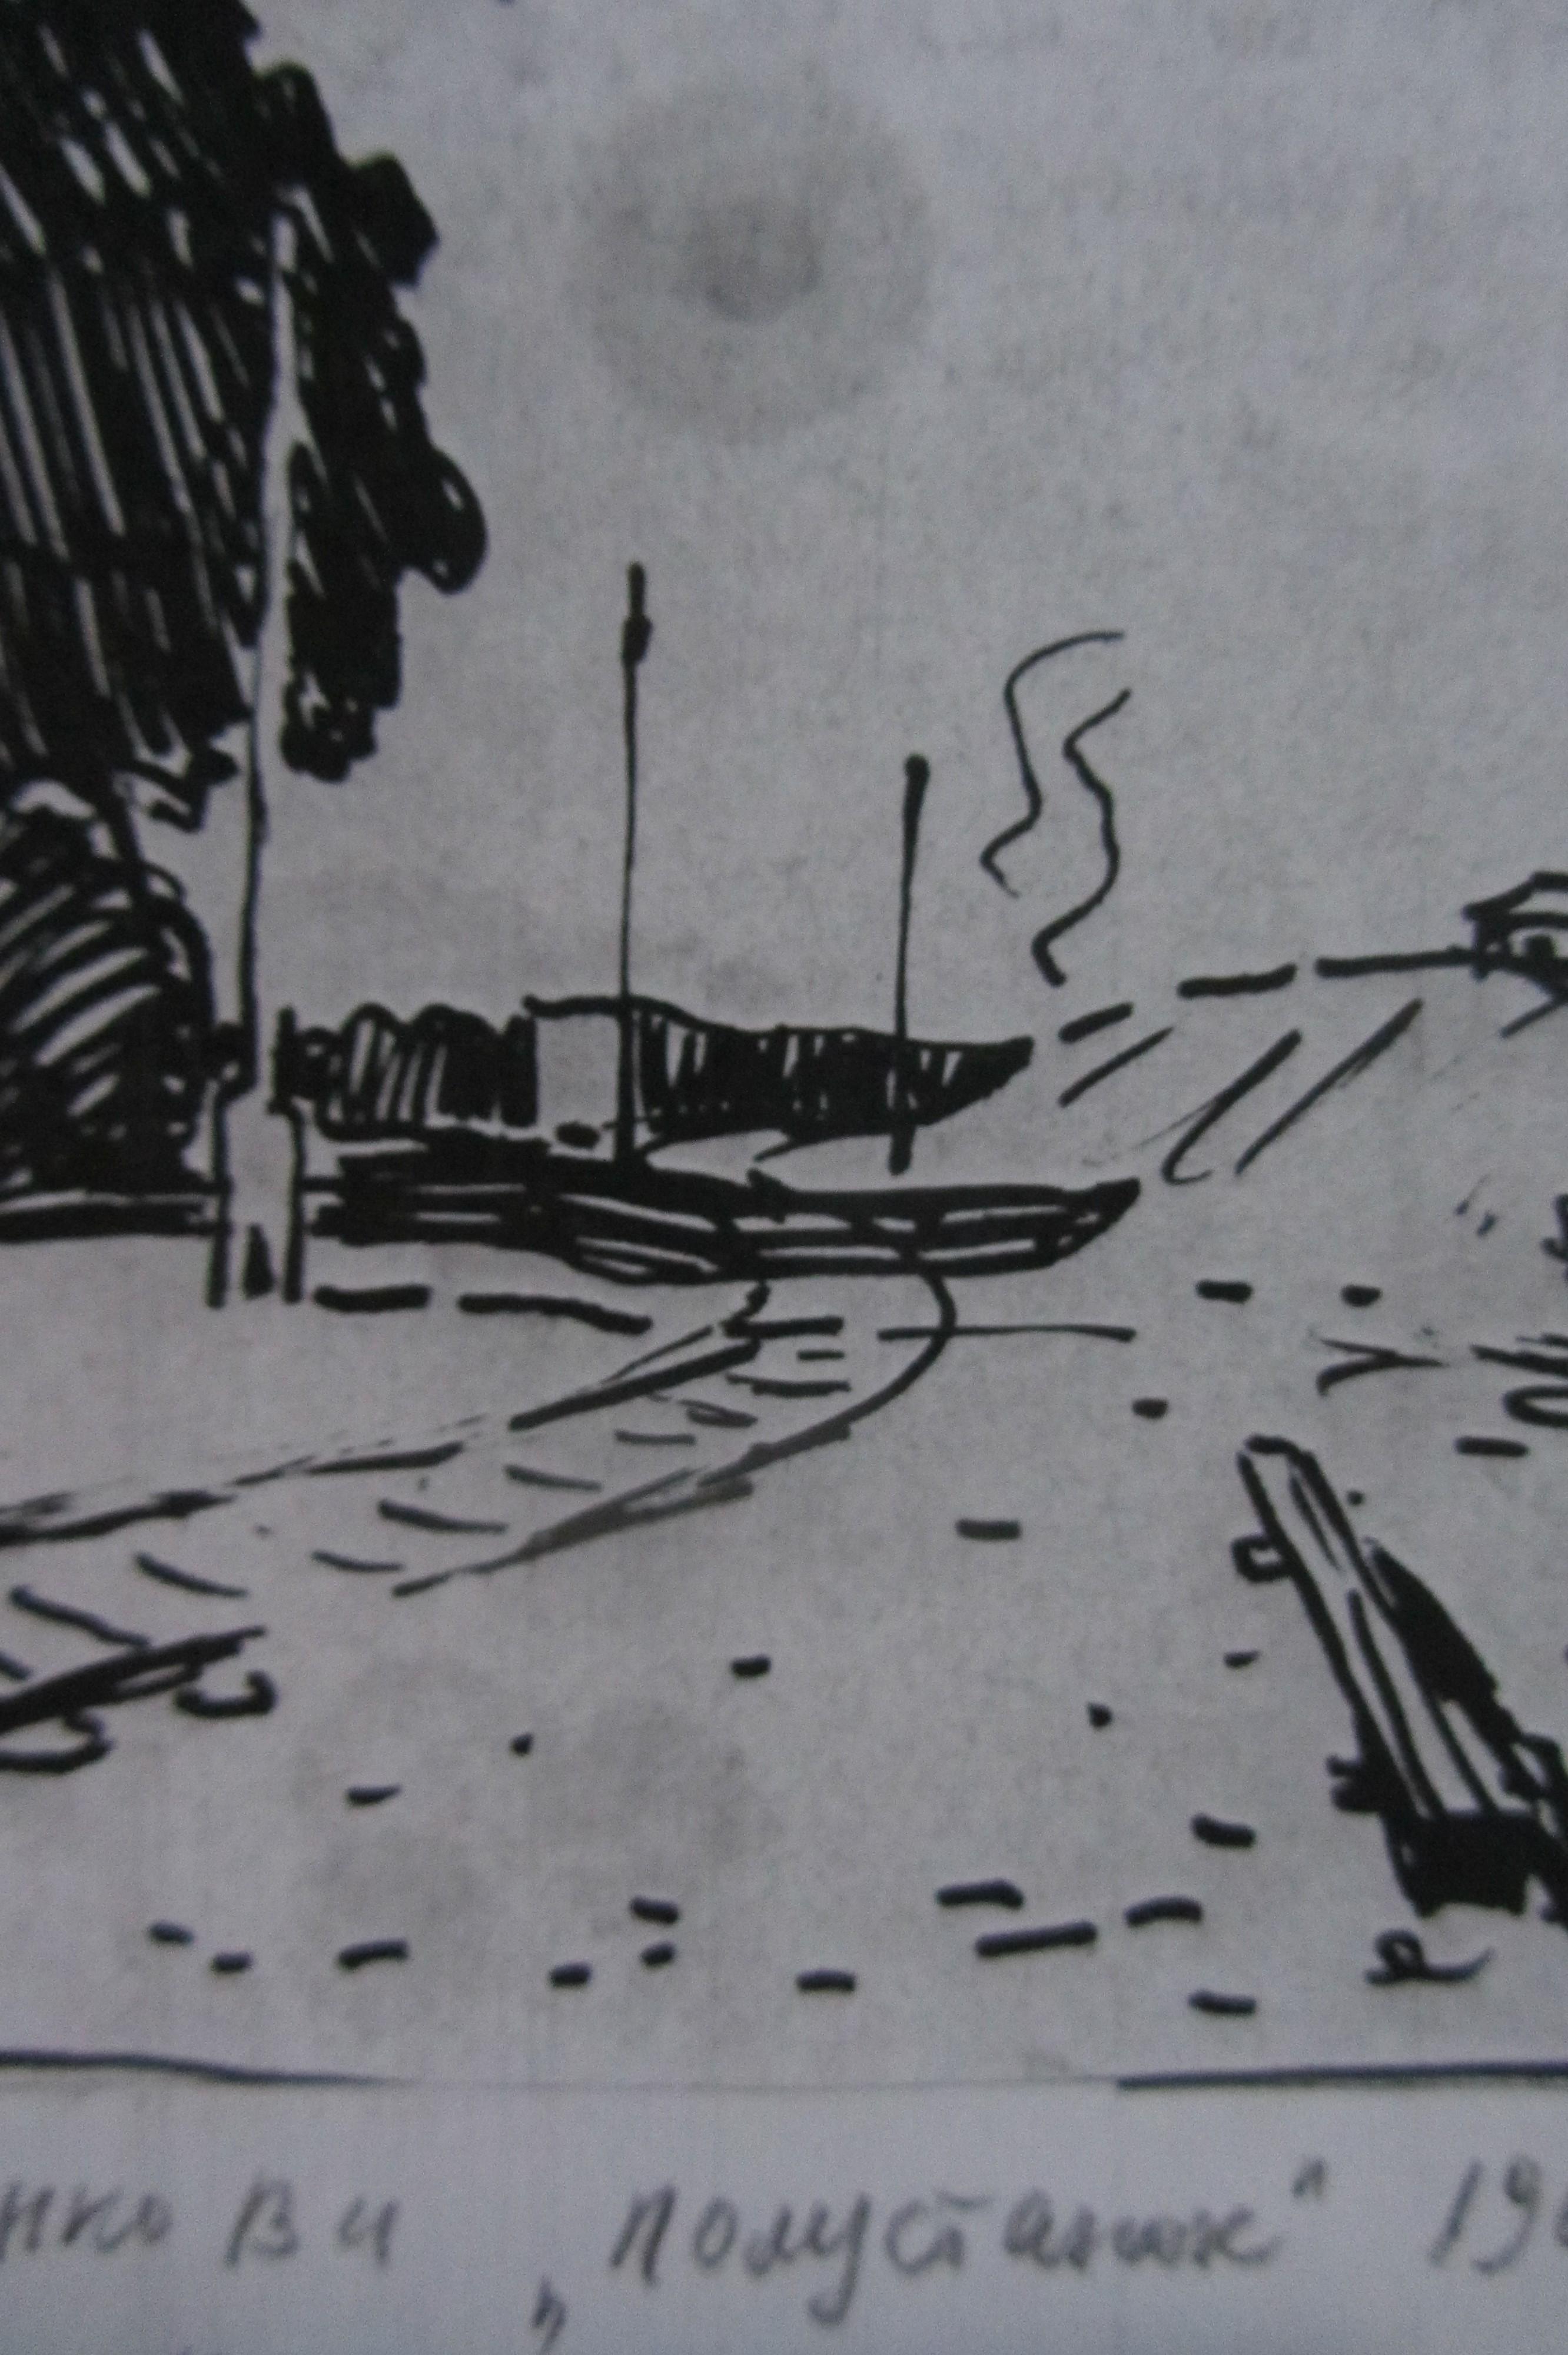 Валерий Кульченко. Ангел на окне мастерской. Острова памяти. Часть 44